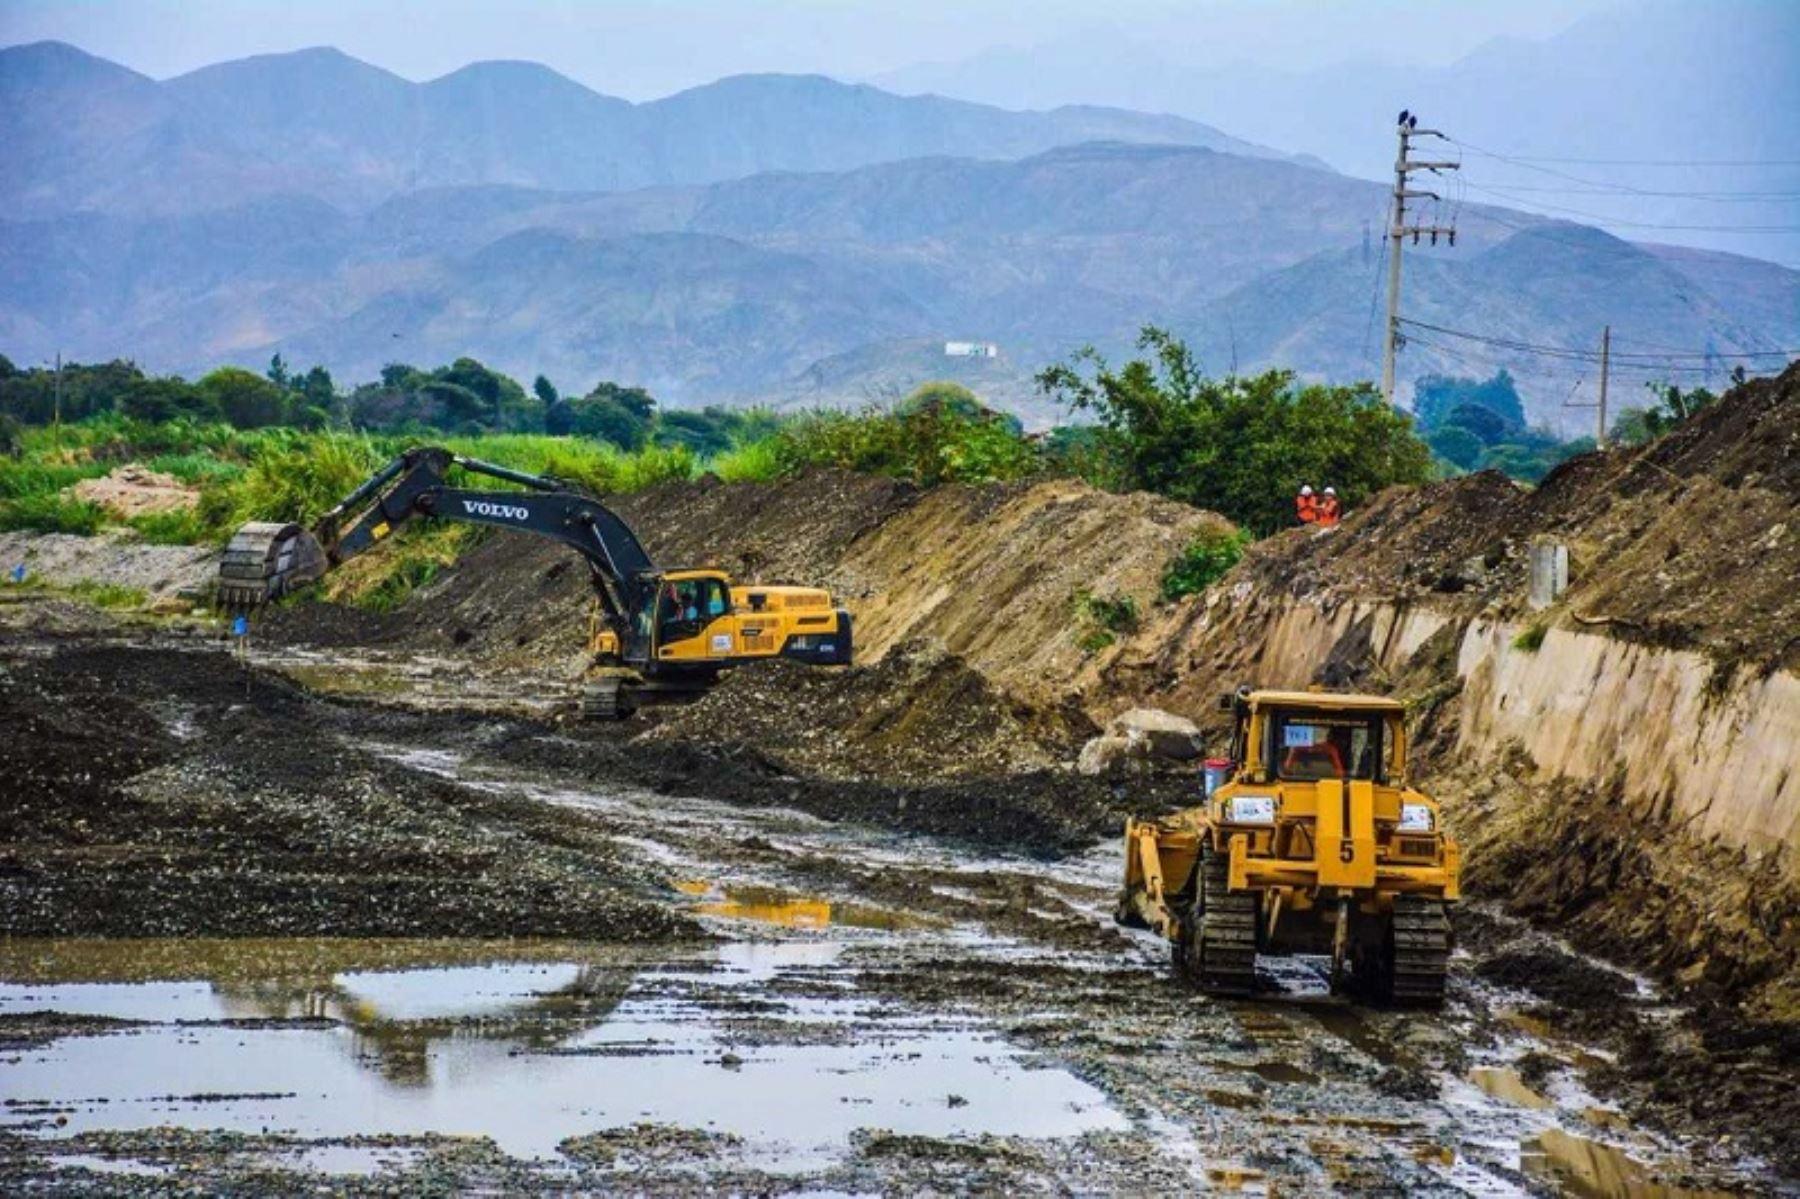 Los trabajos de descolmatación en los ríos Huarmey y Sechín, en la provincia de Casma, avanzan como parte de las labores de prevención frente a la próxima temporada de lluvias, informó el gerente regional en Áncash de la Autoridad para la Reconstrucción con Cambios, Manuel Bambarén Miasta.